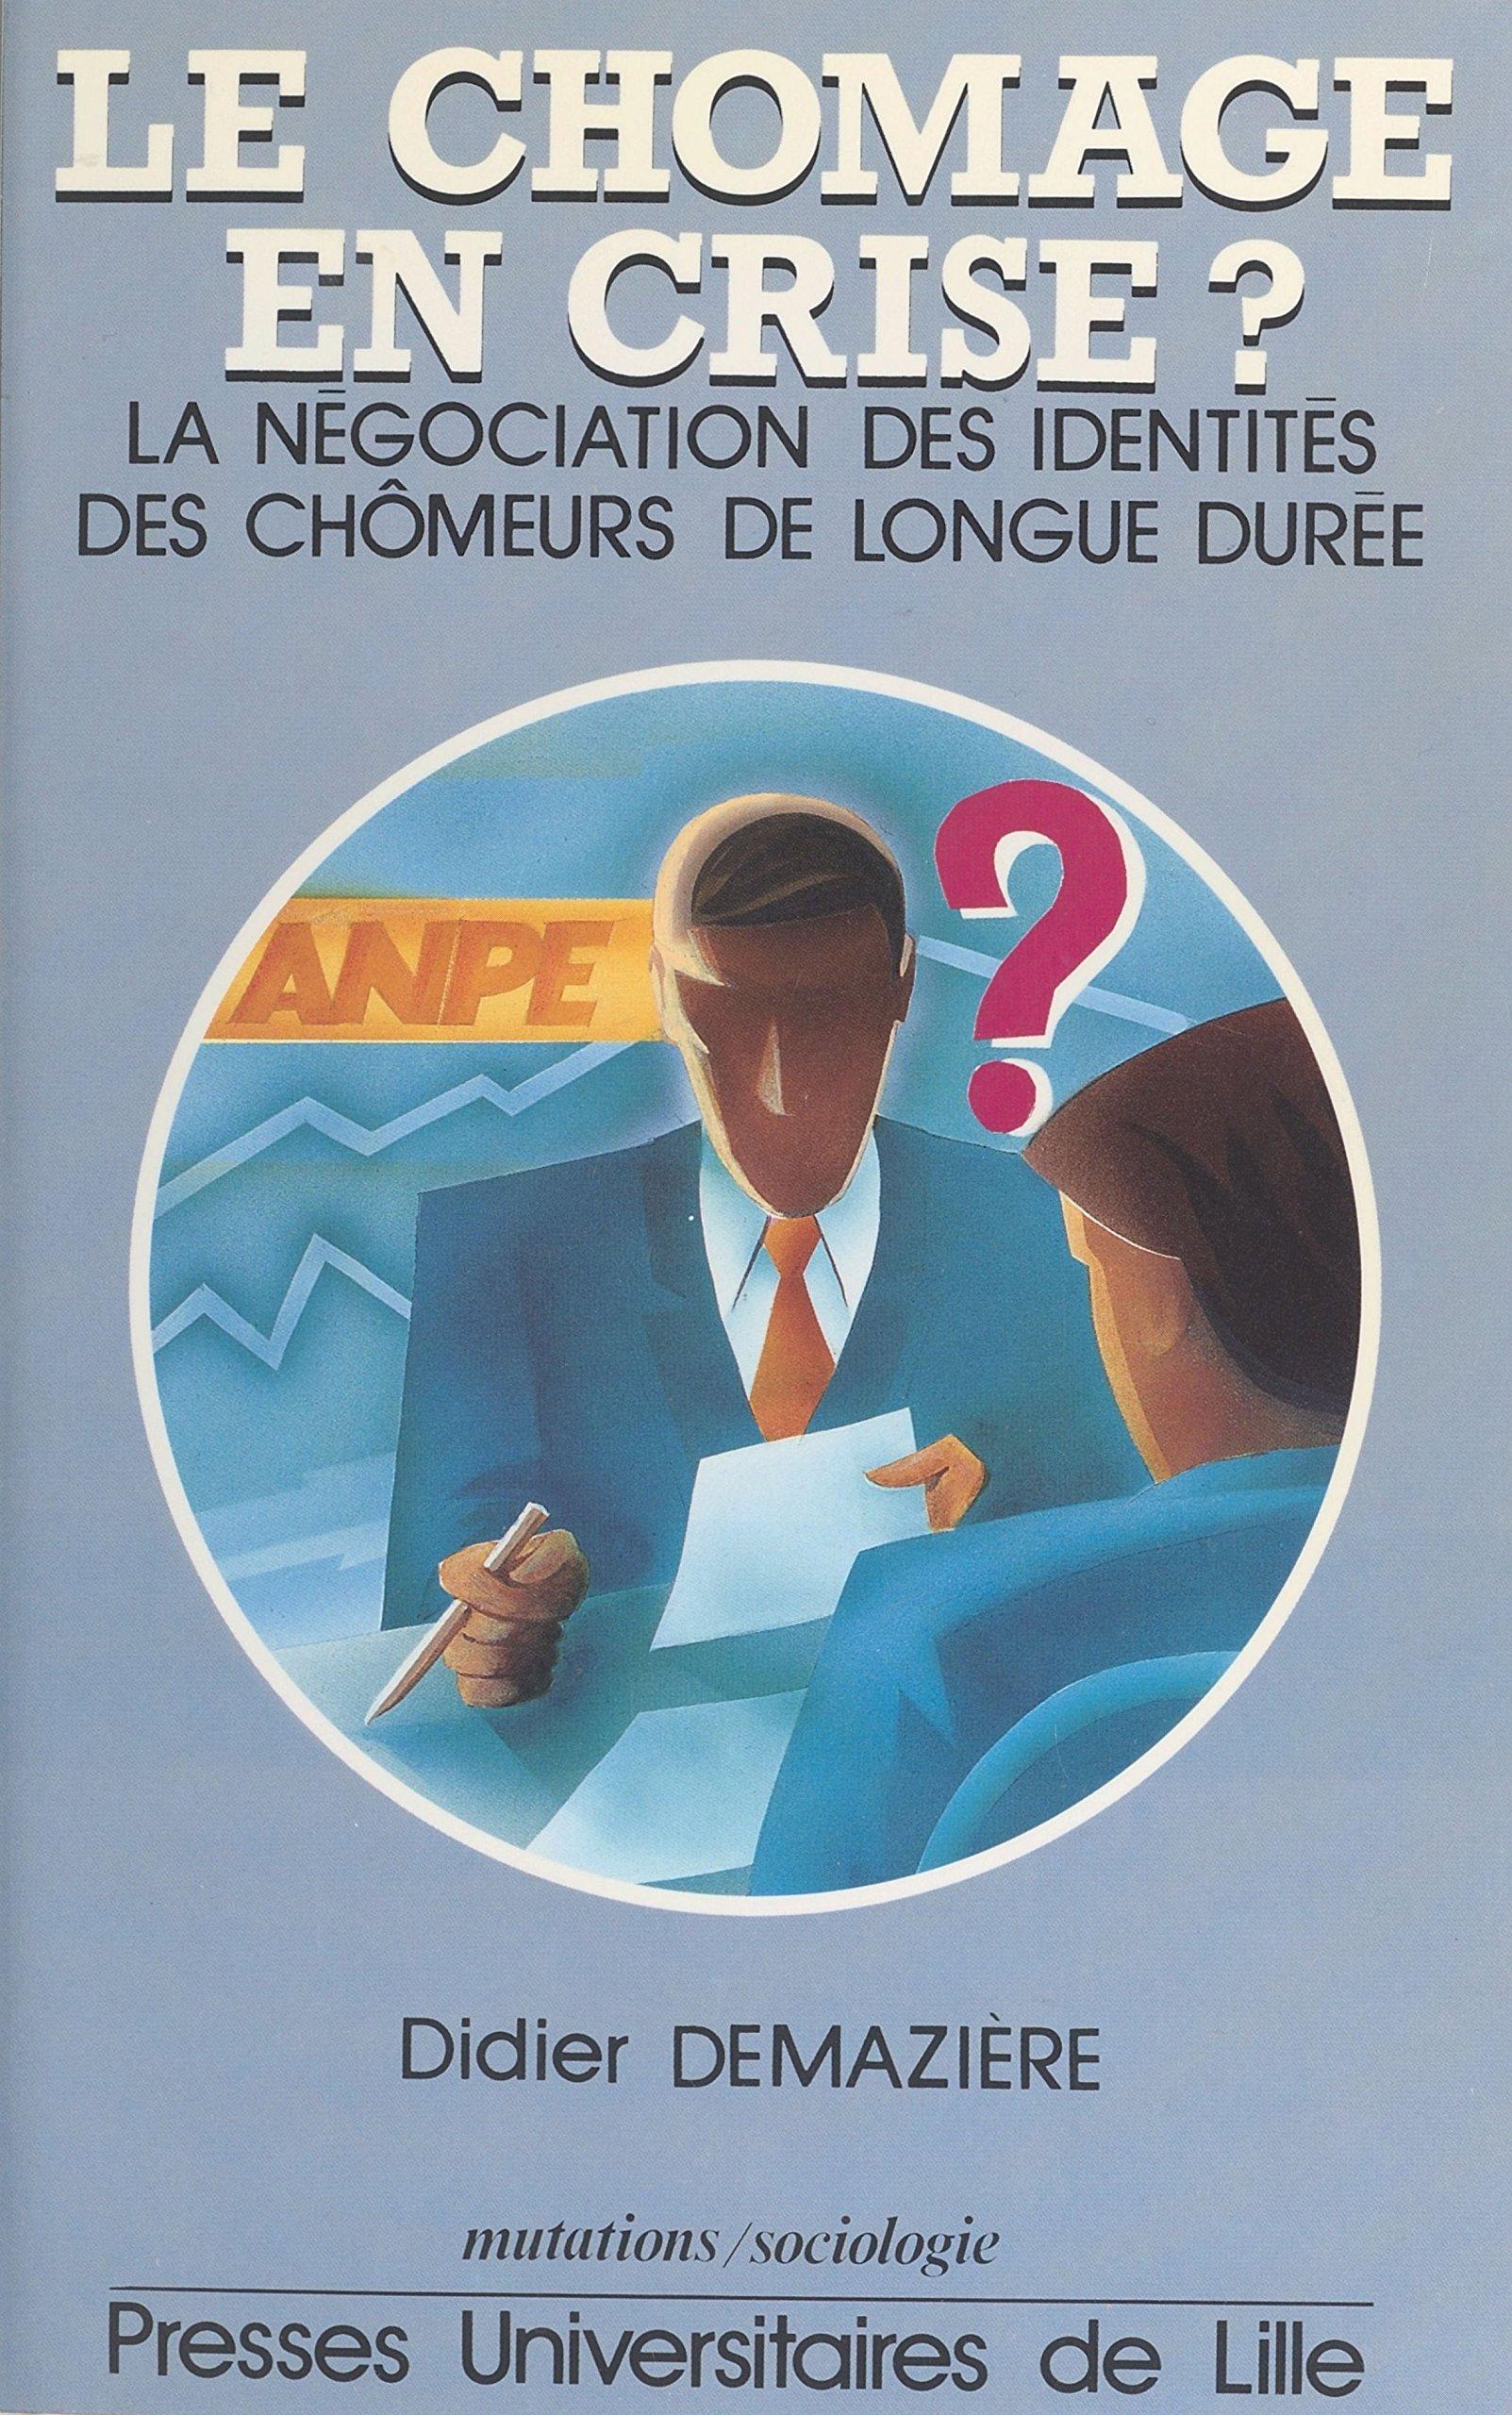 Le chômage en crise ? La négociation des identités des chômeurs de longue durée (French Edition)